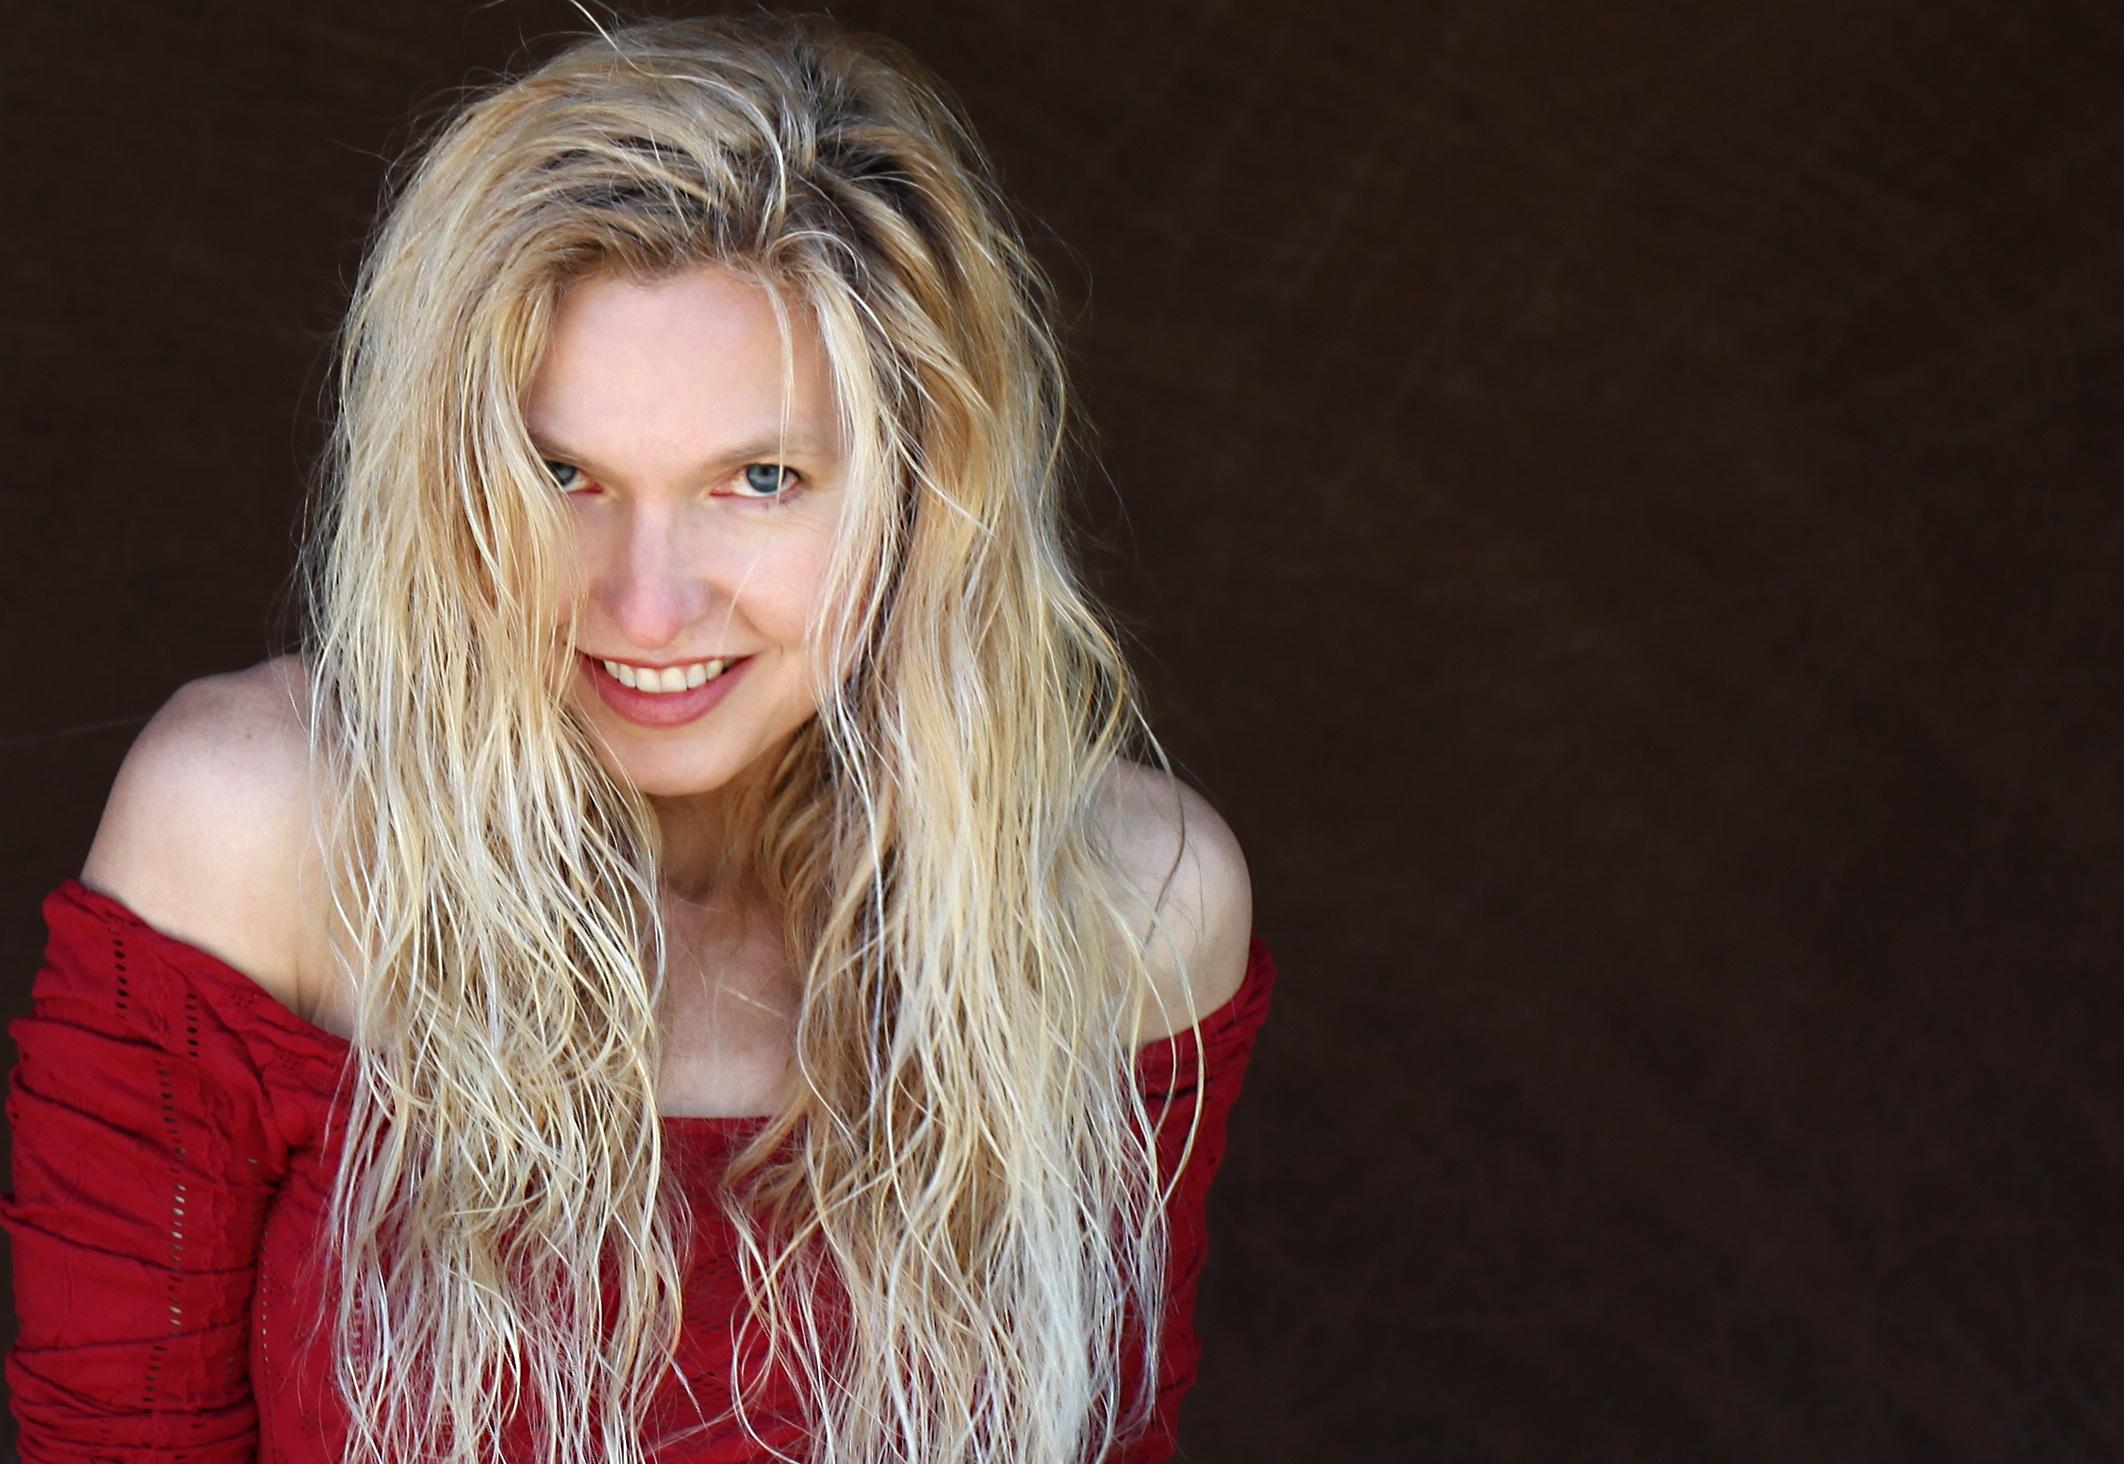 Lange blonde haare attraktiv